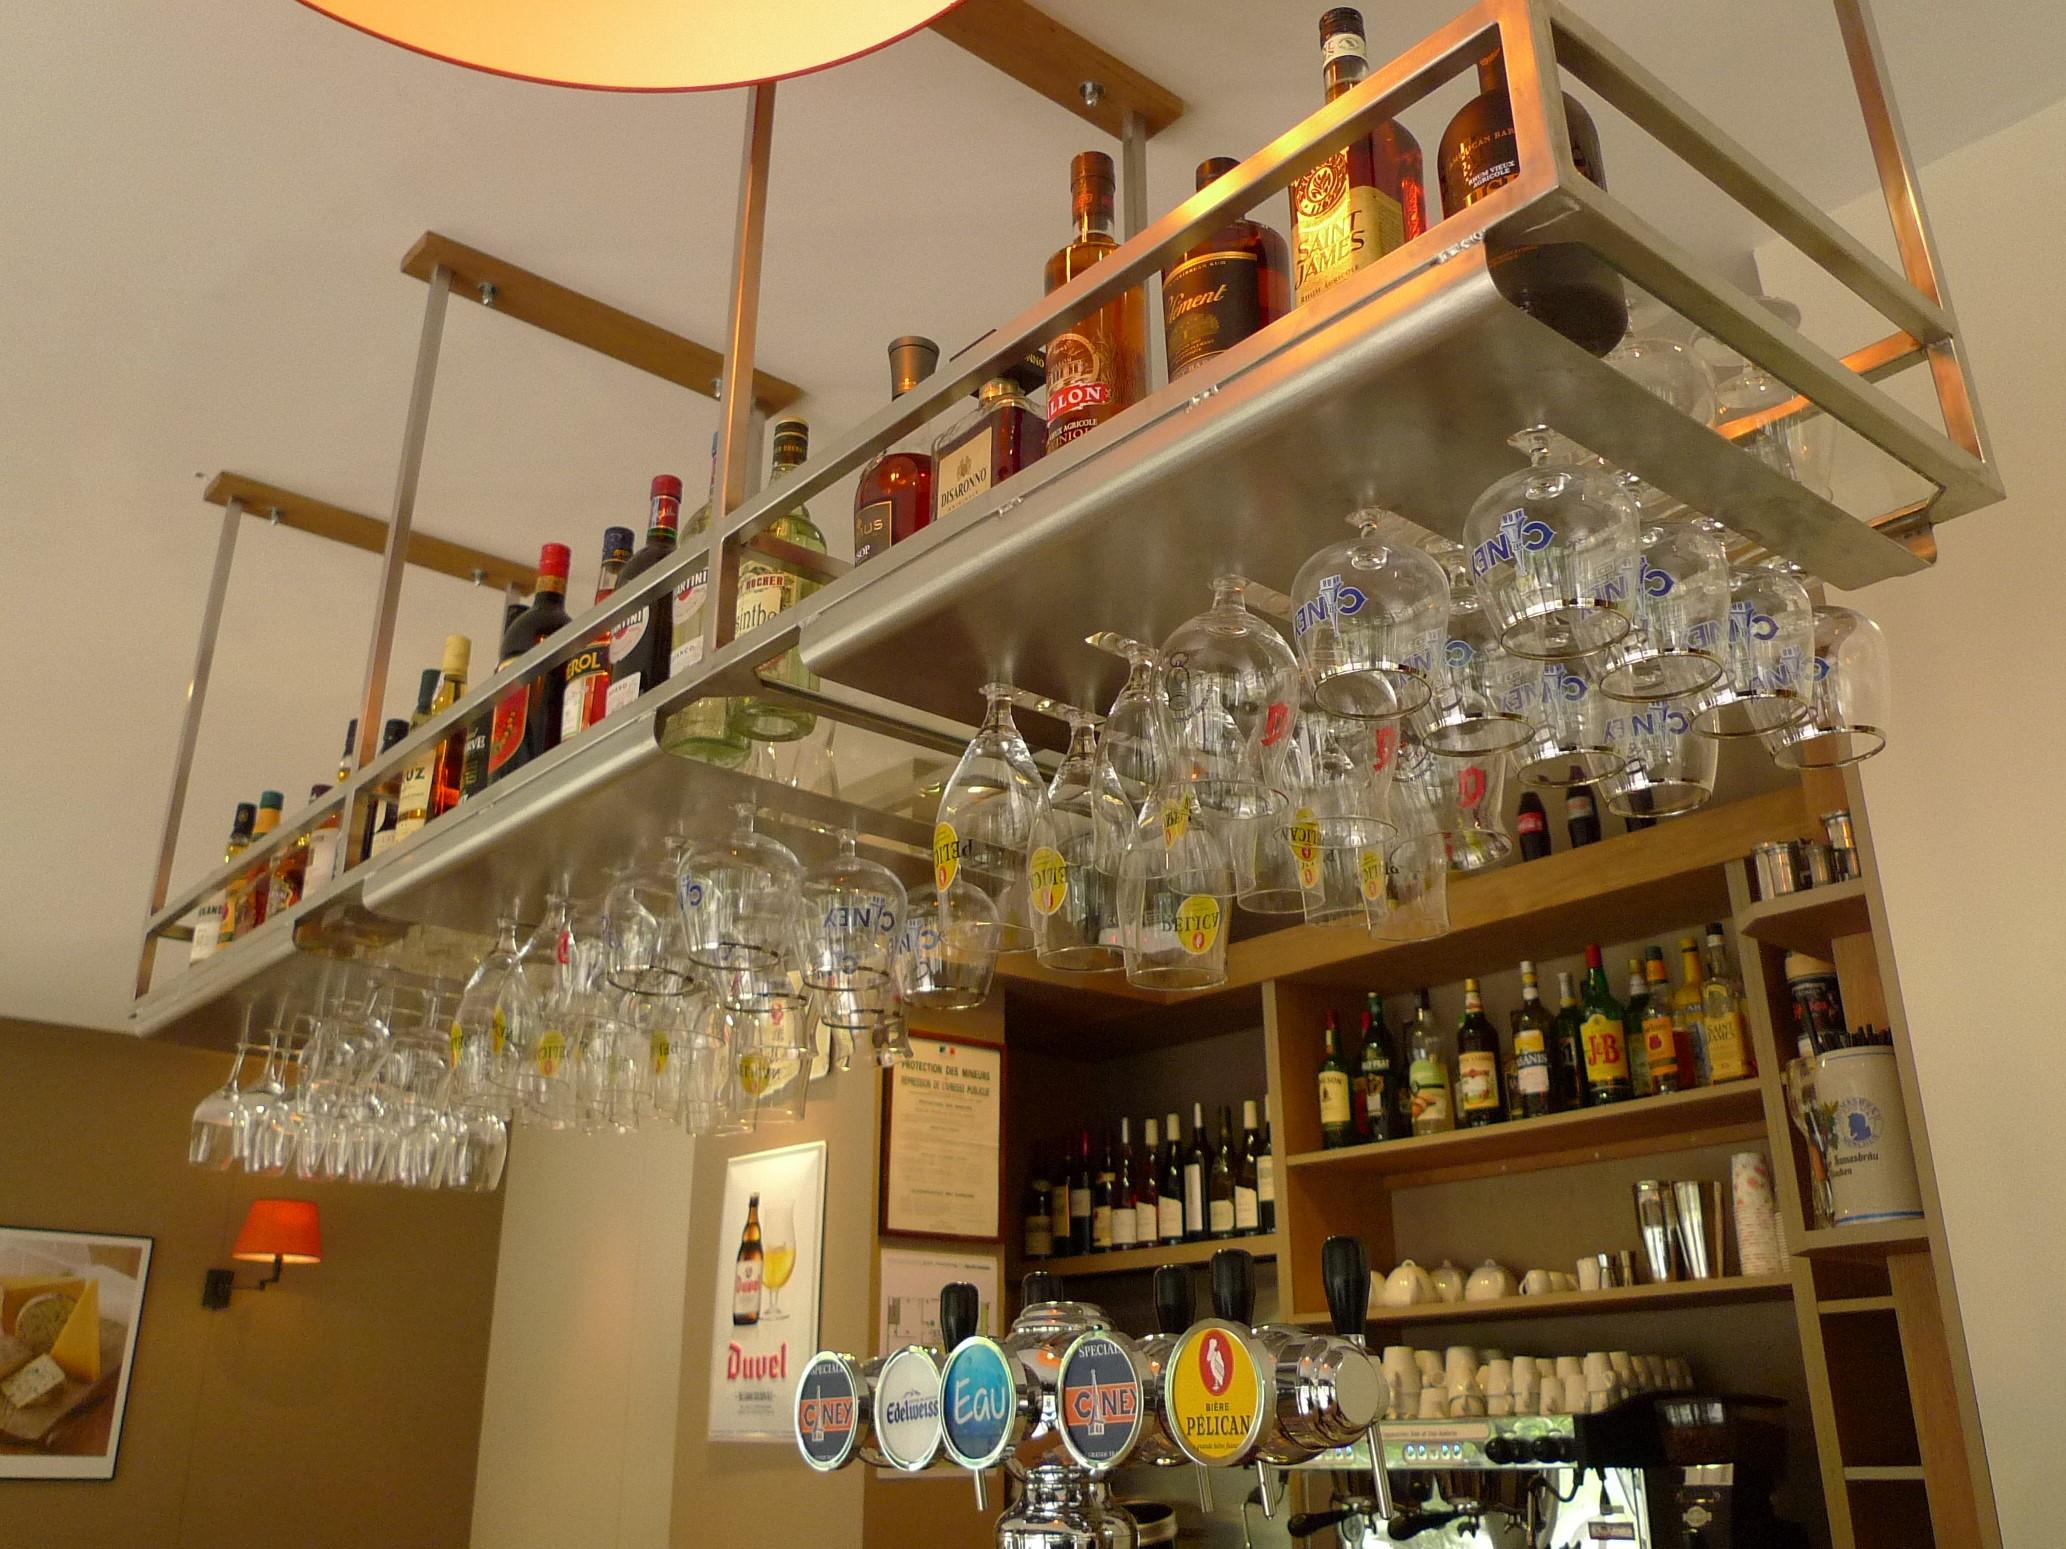 Amenagement De Bar Professionnel tout savoir pour un projet de bar